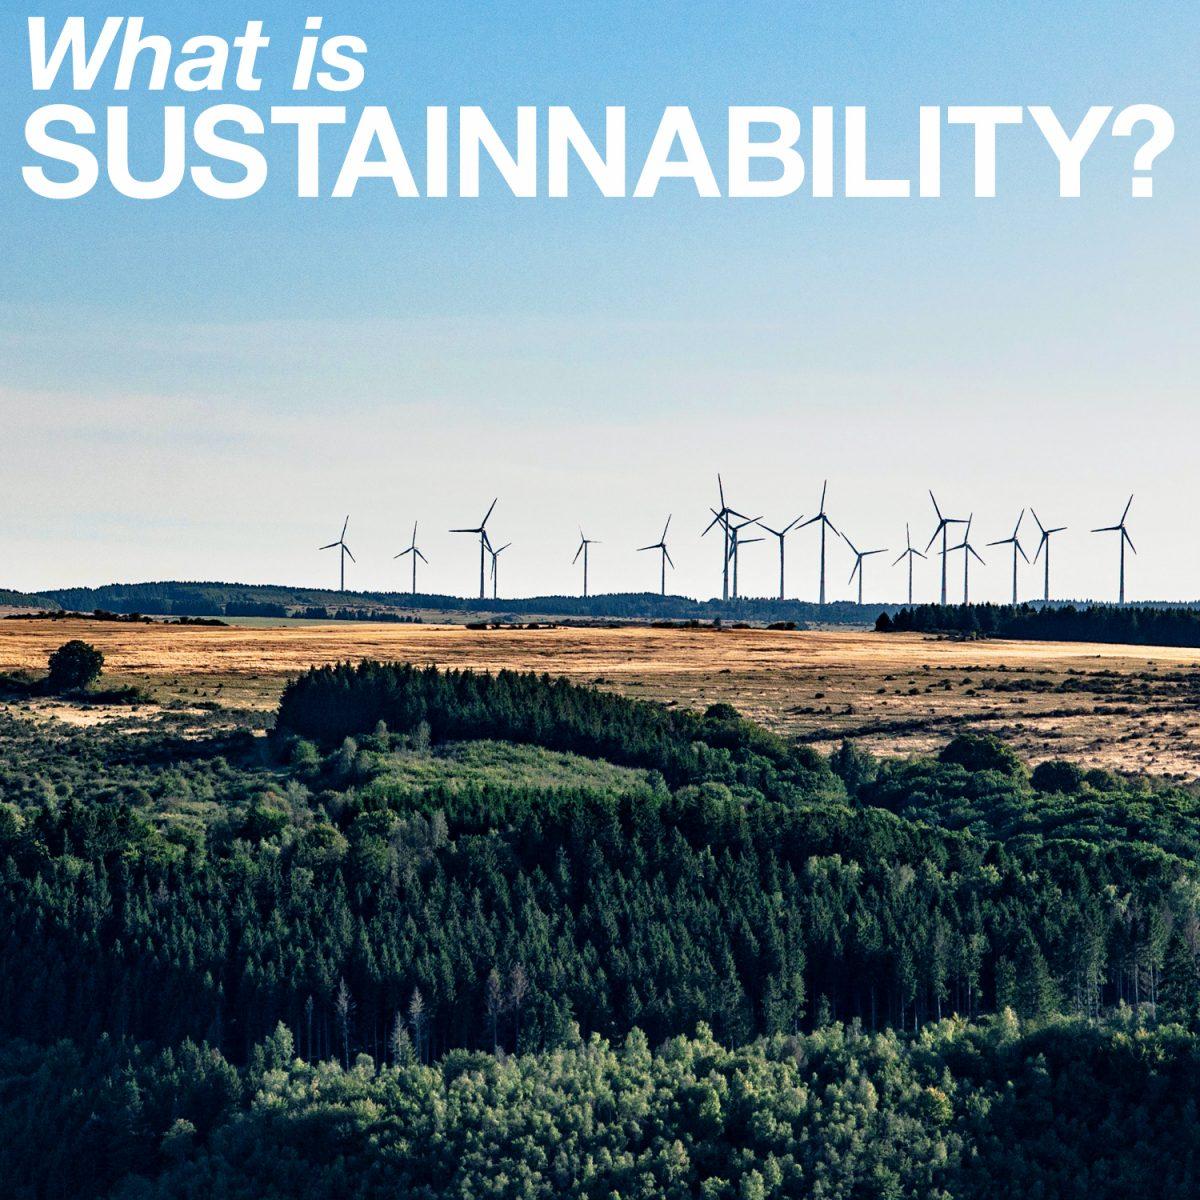 アパレル業界でも話題!最近よく聞く「サステナブル」や「SDGs」とは?